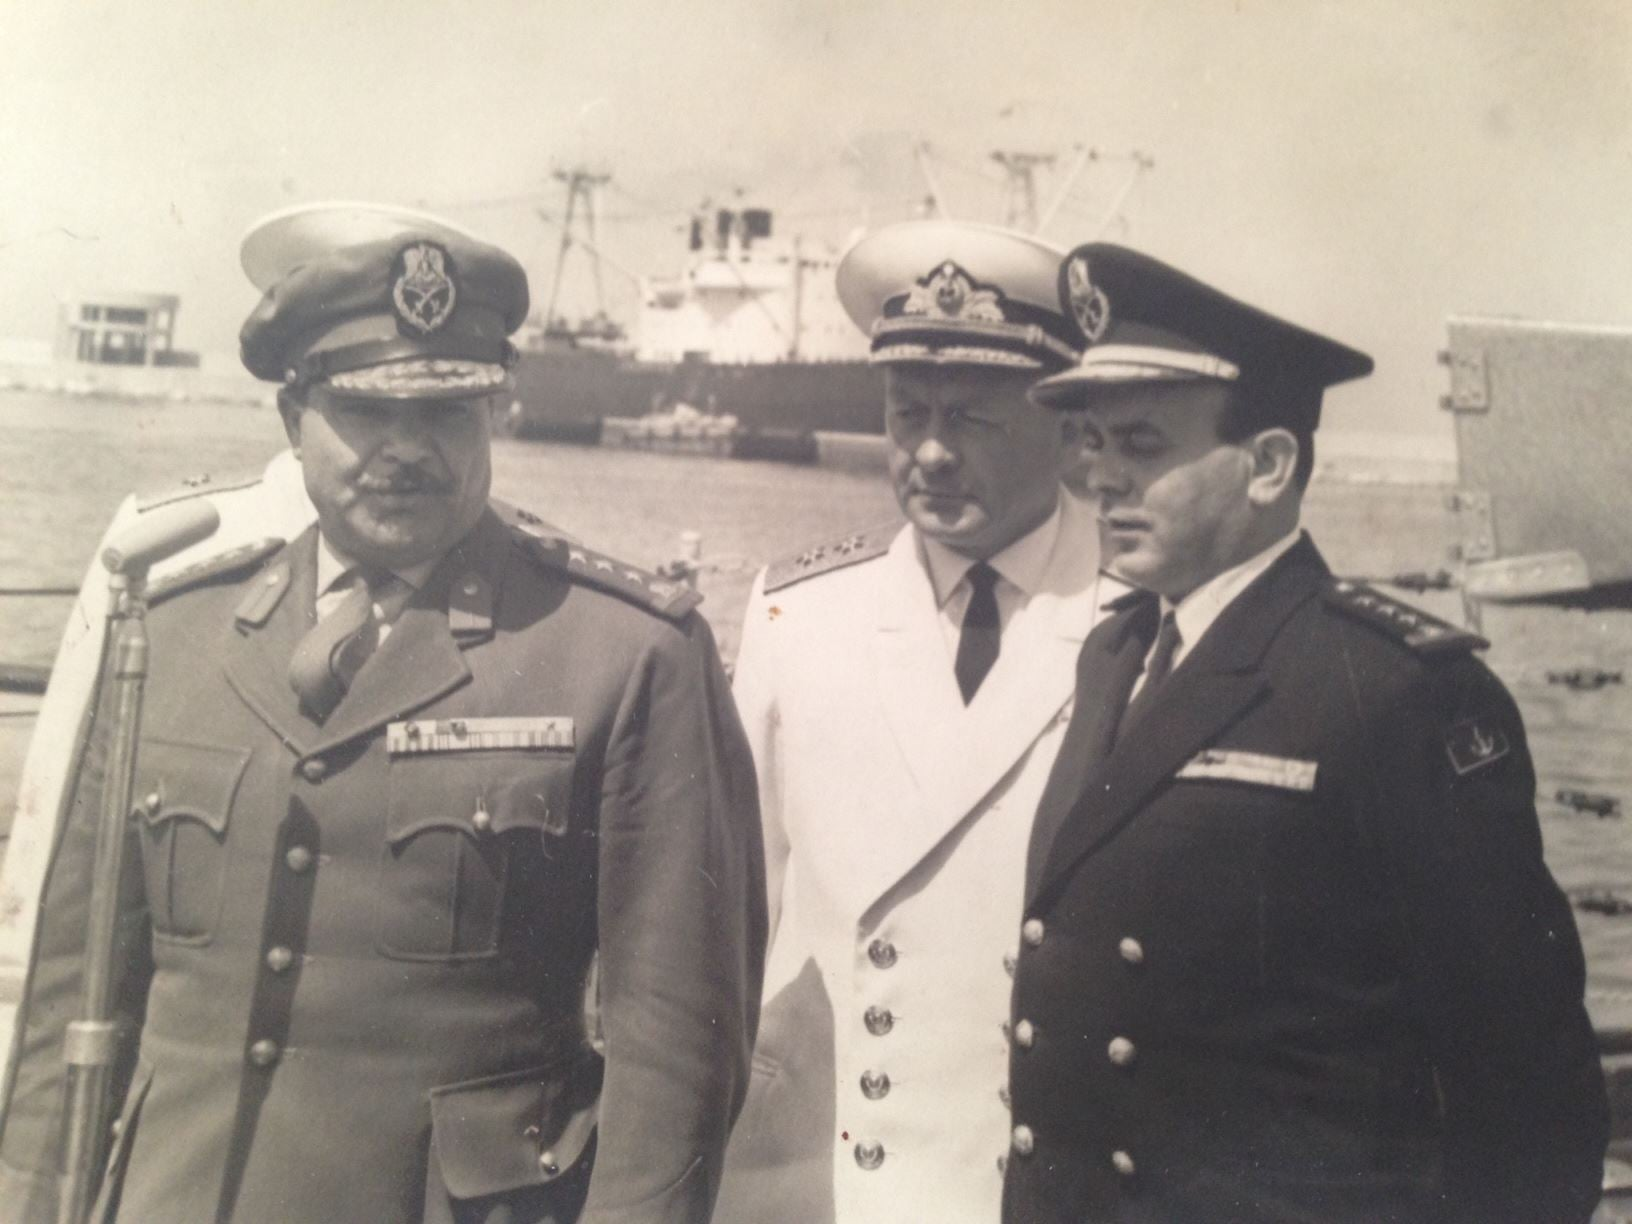 ميناء اللاذقية 1968- أمر القوى البحرية برفقة ضباط من البحرية السوفيتية